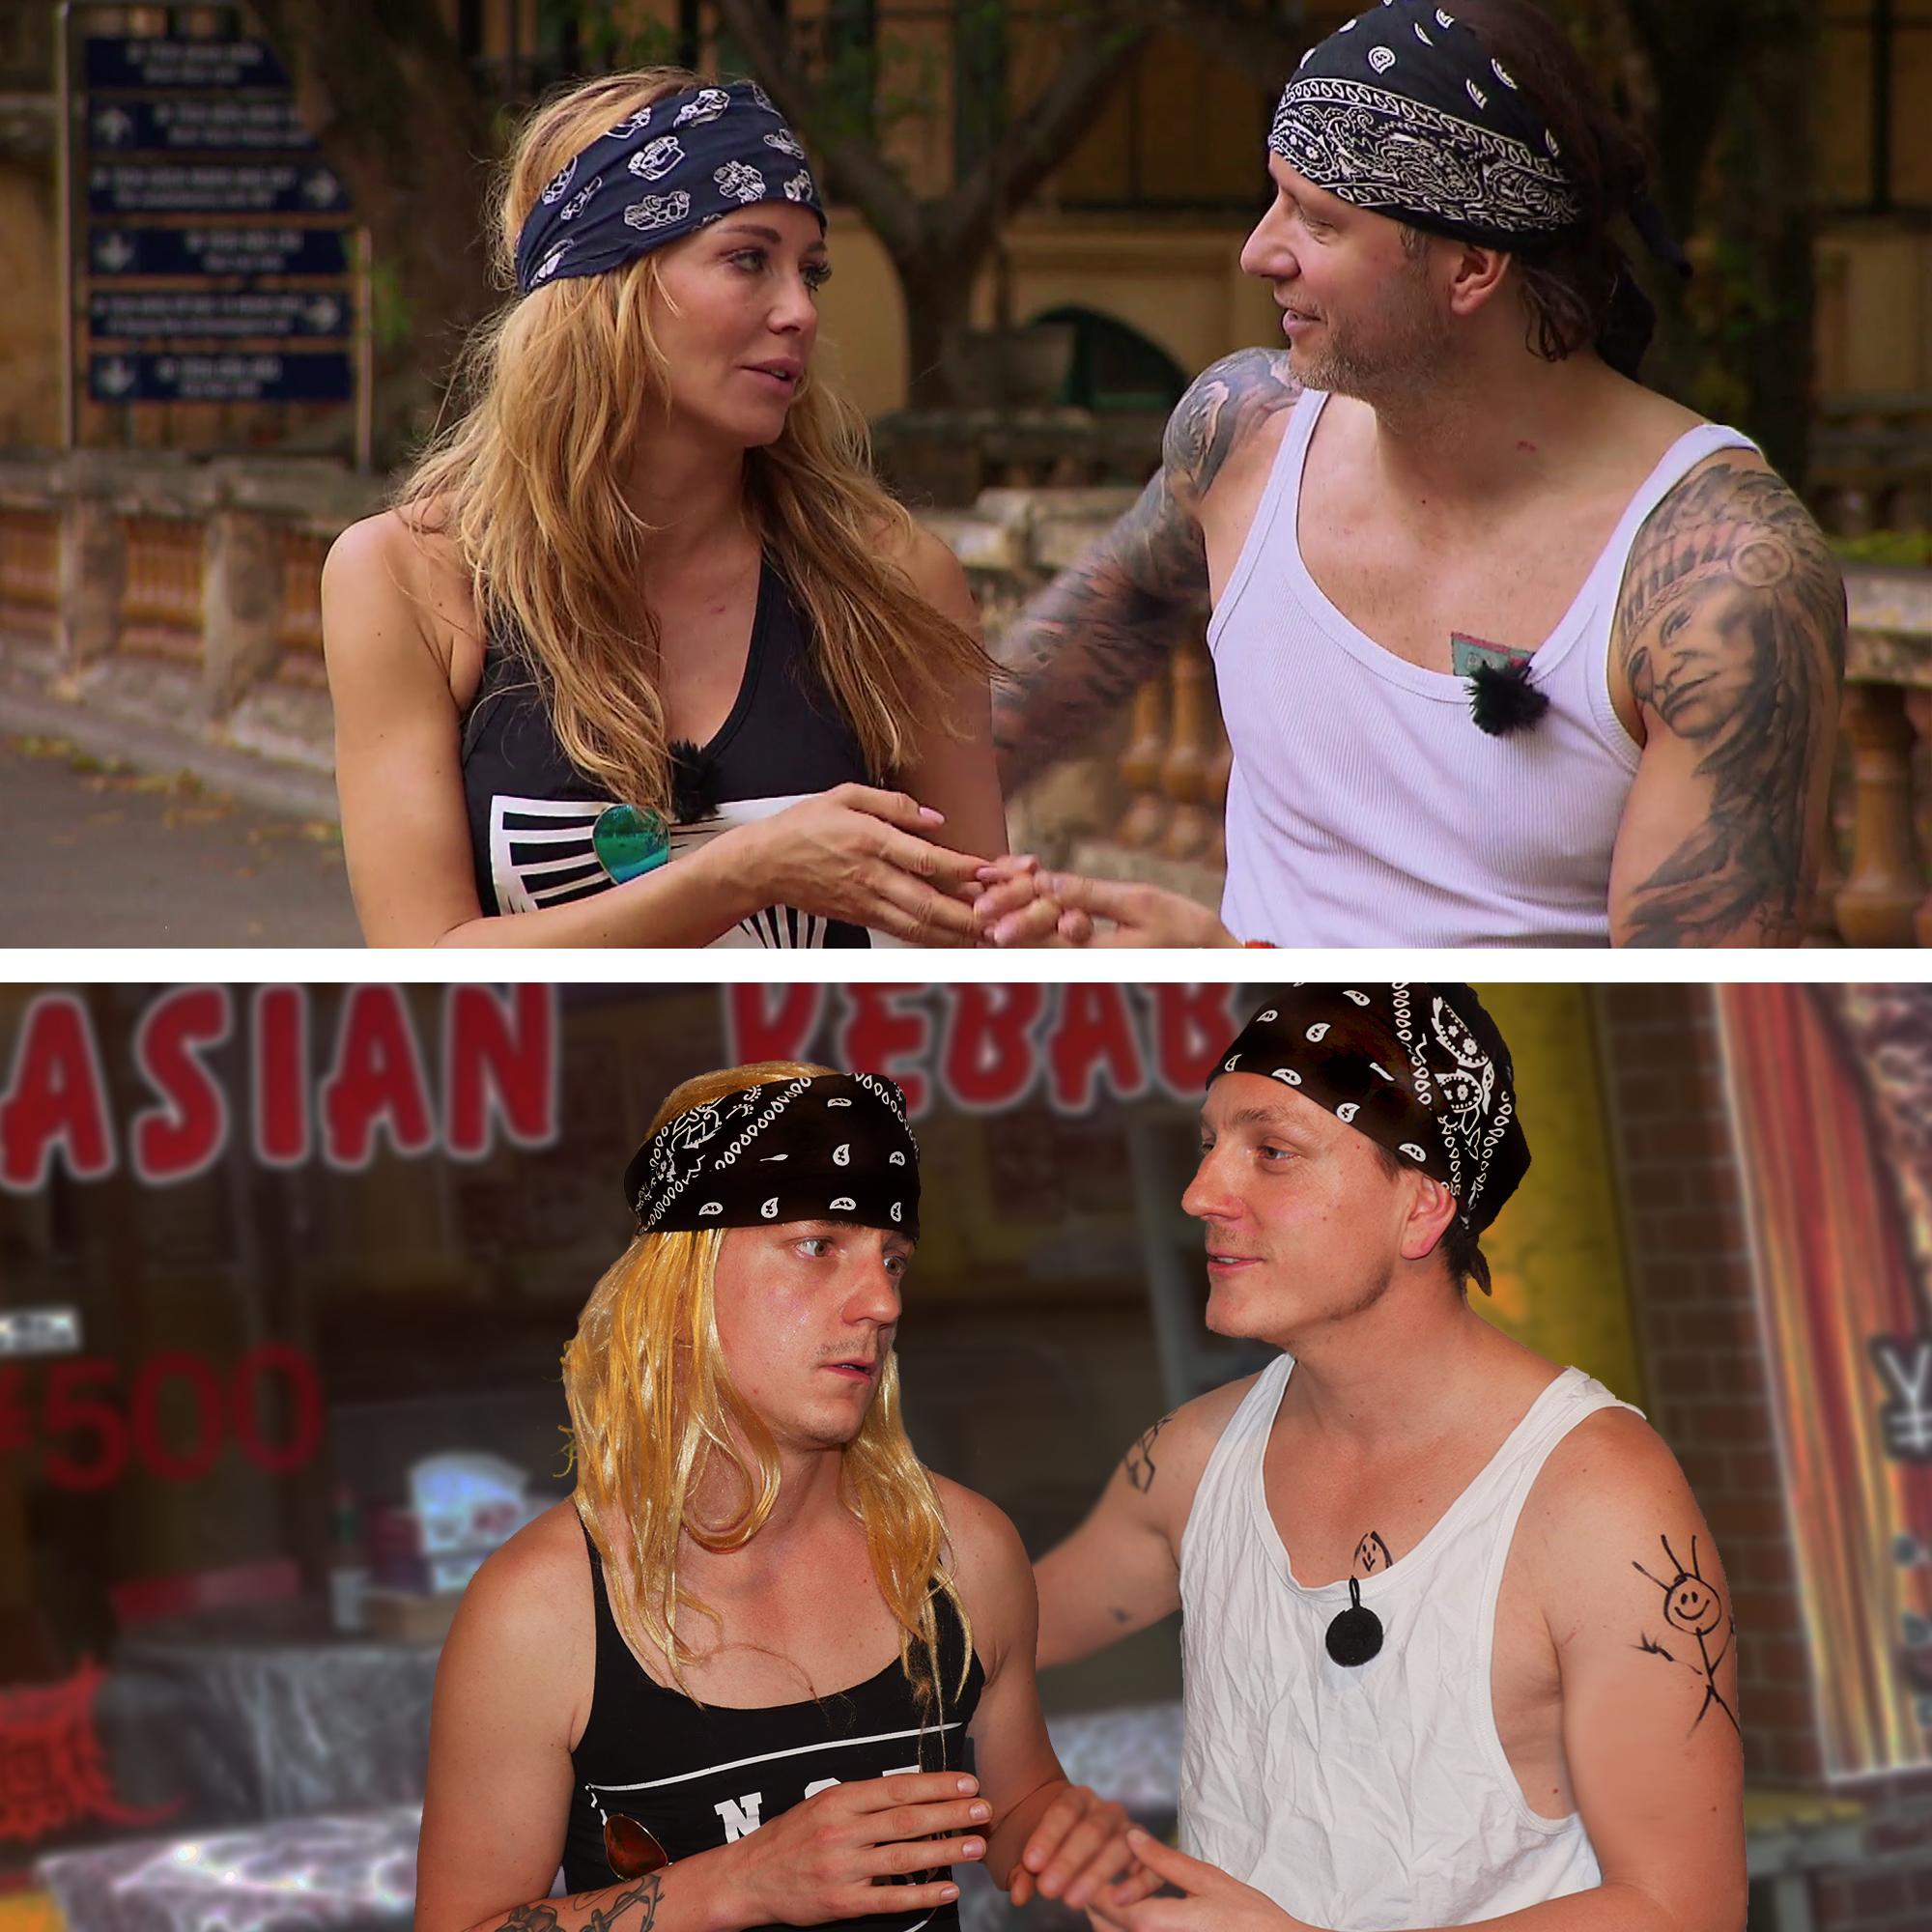 Dwa zdjęcia, na jednym para ubrana w bandany na głowie i koszulki bez rękawów, na drugim parodia tego zdjęcia